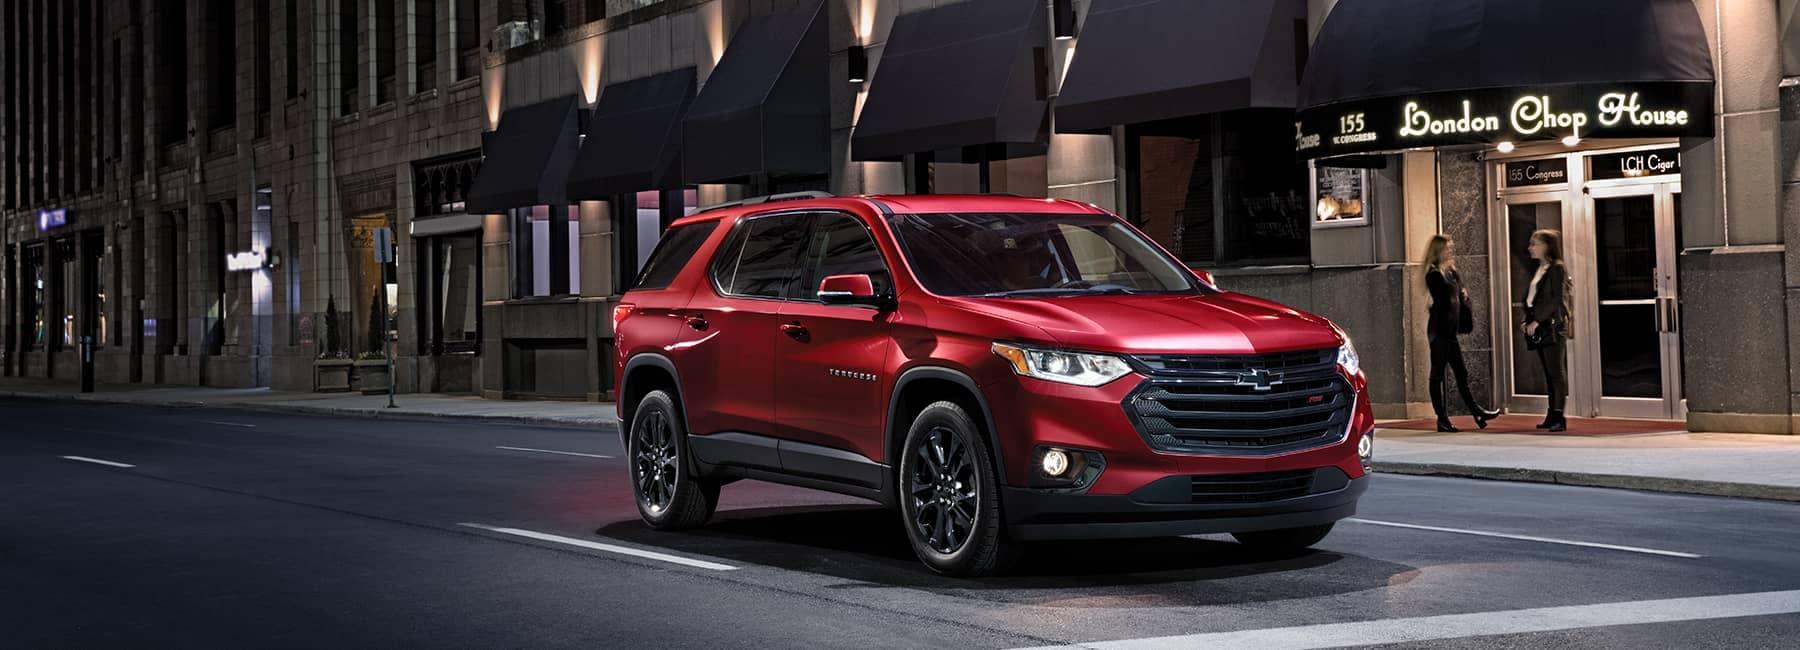 Red 2020 Chevrolet